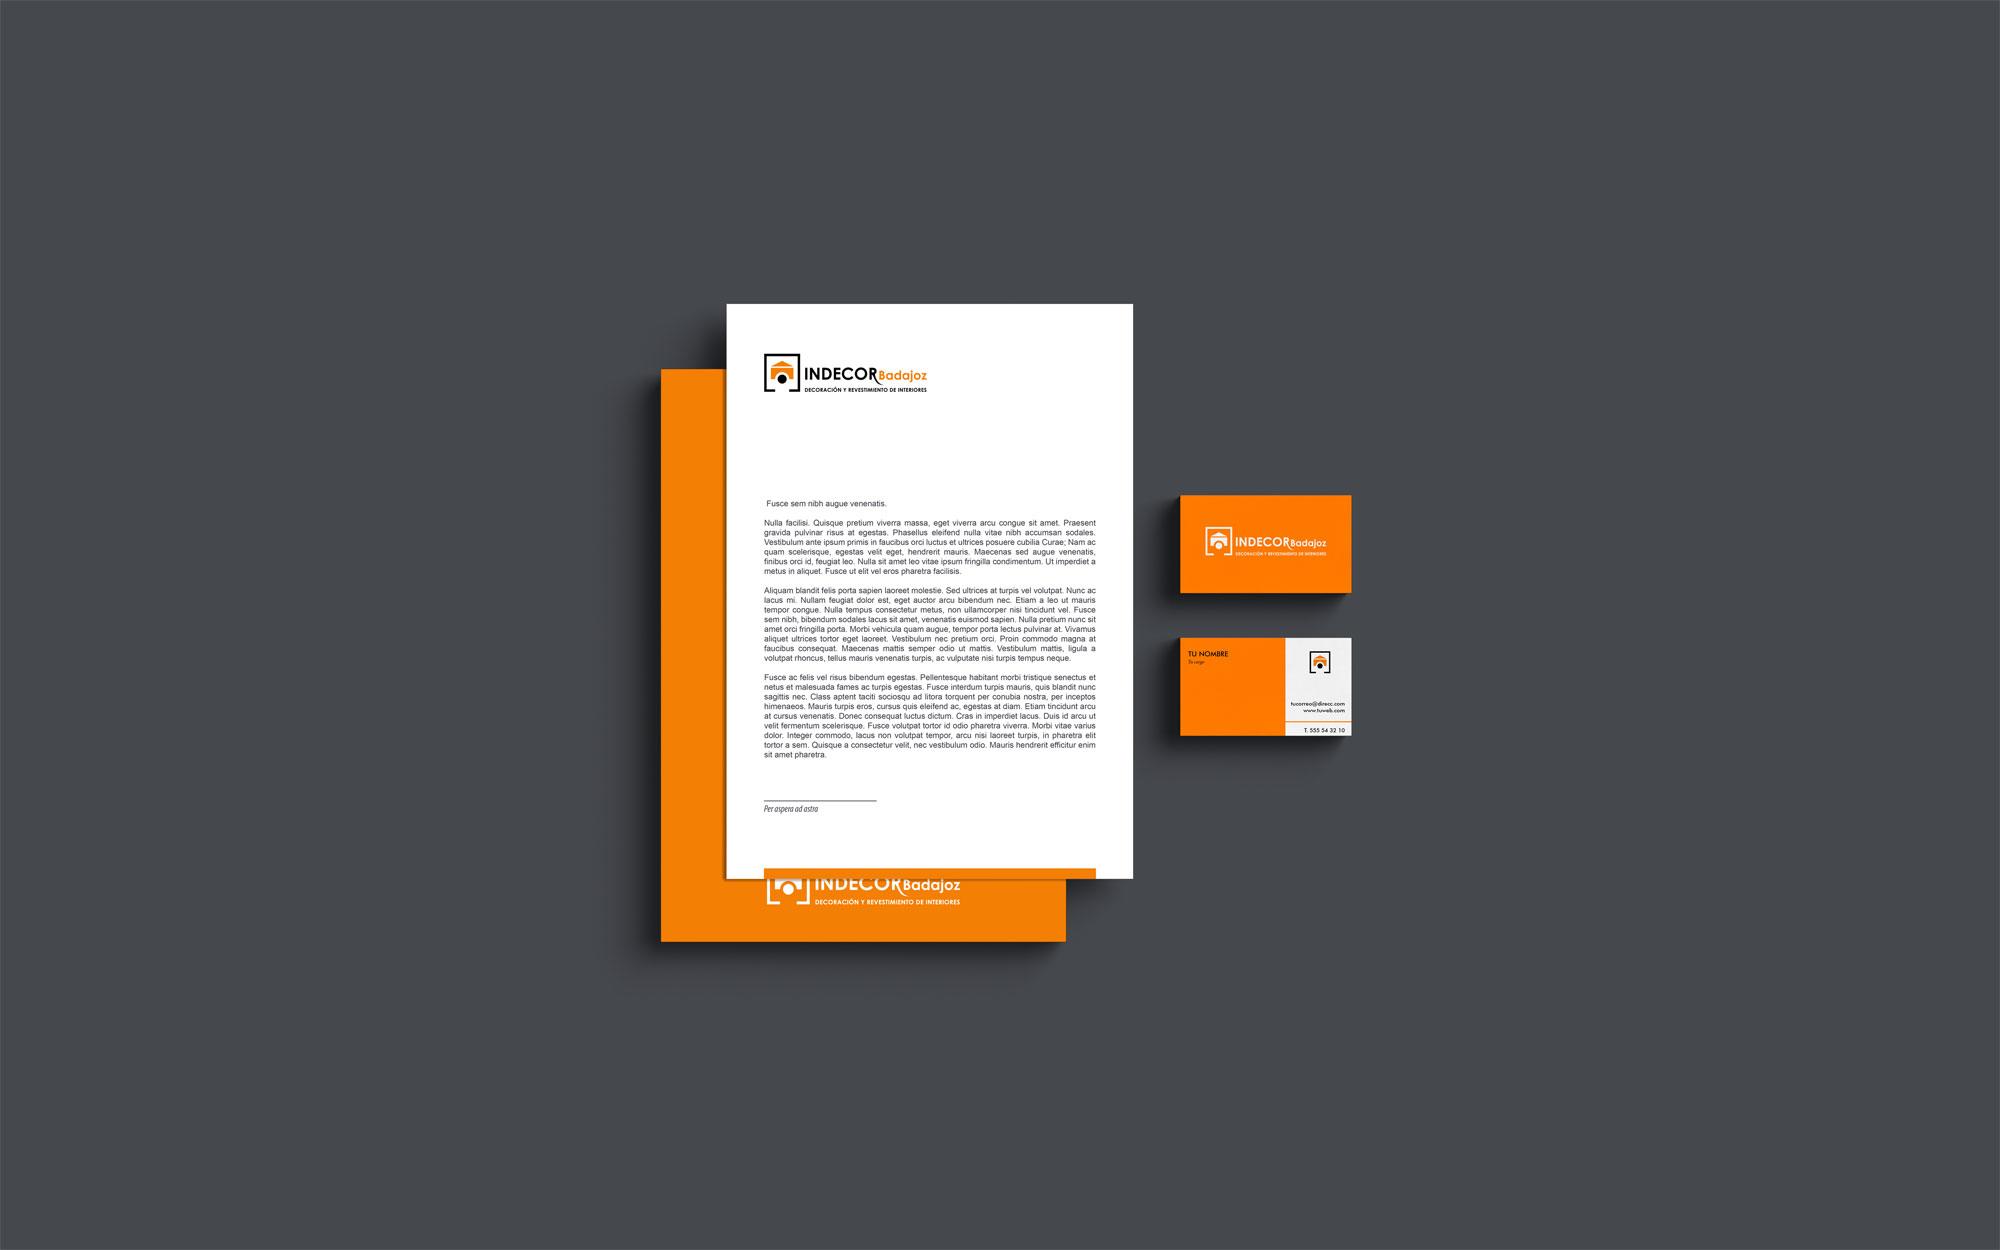 Diseño Branding Indecor